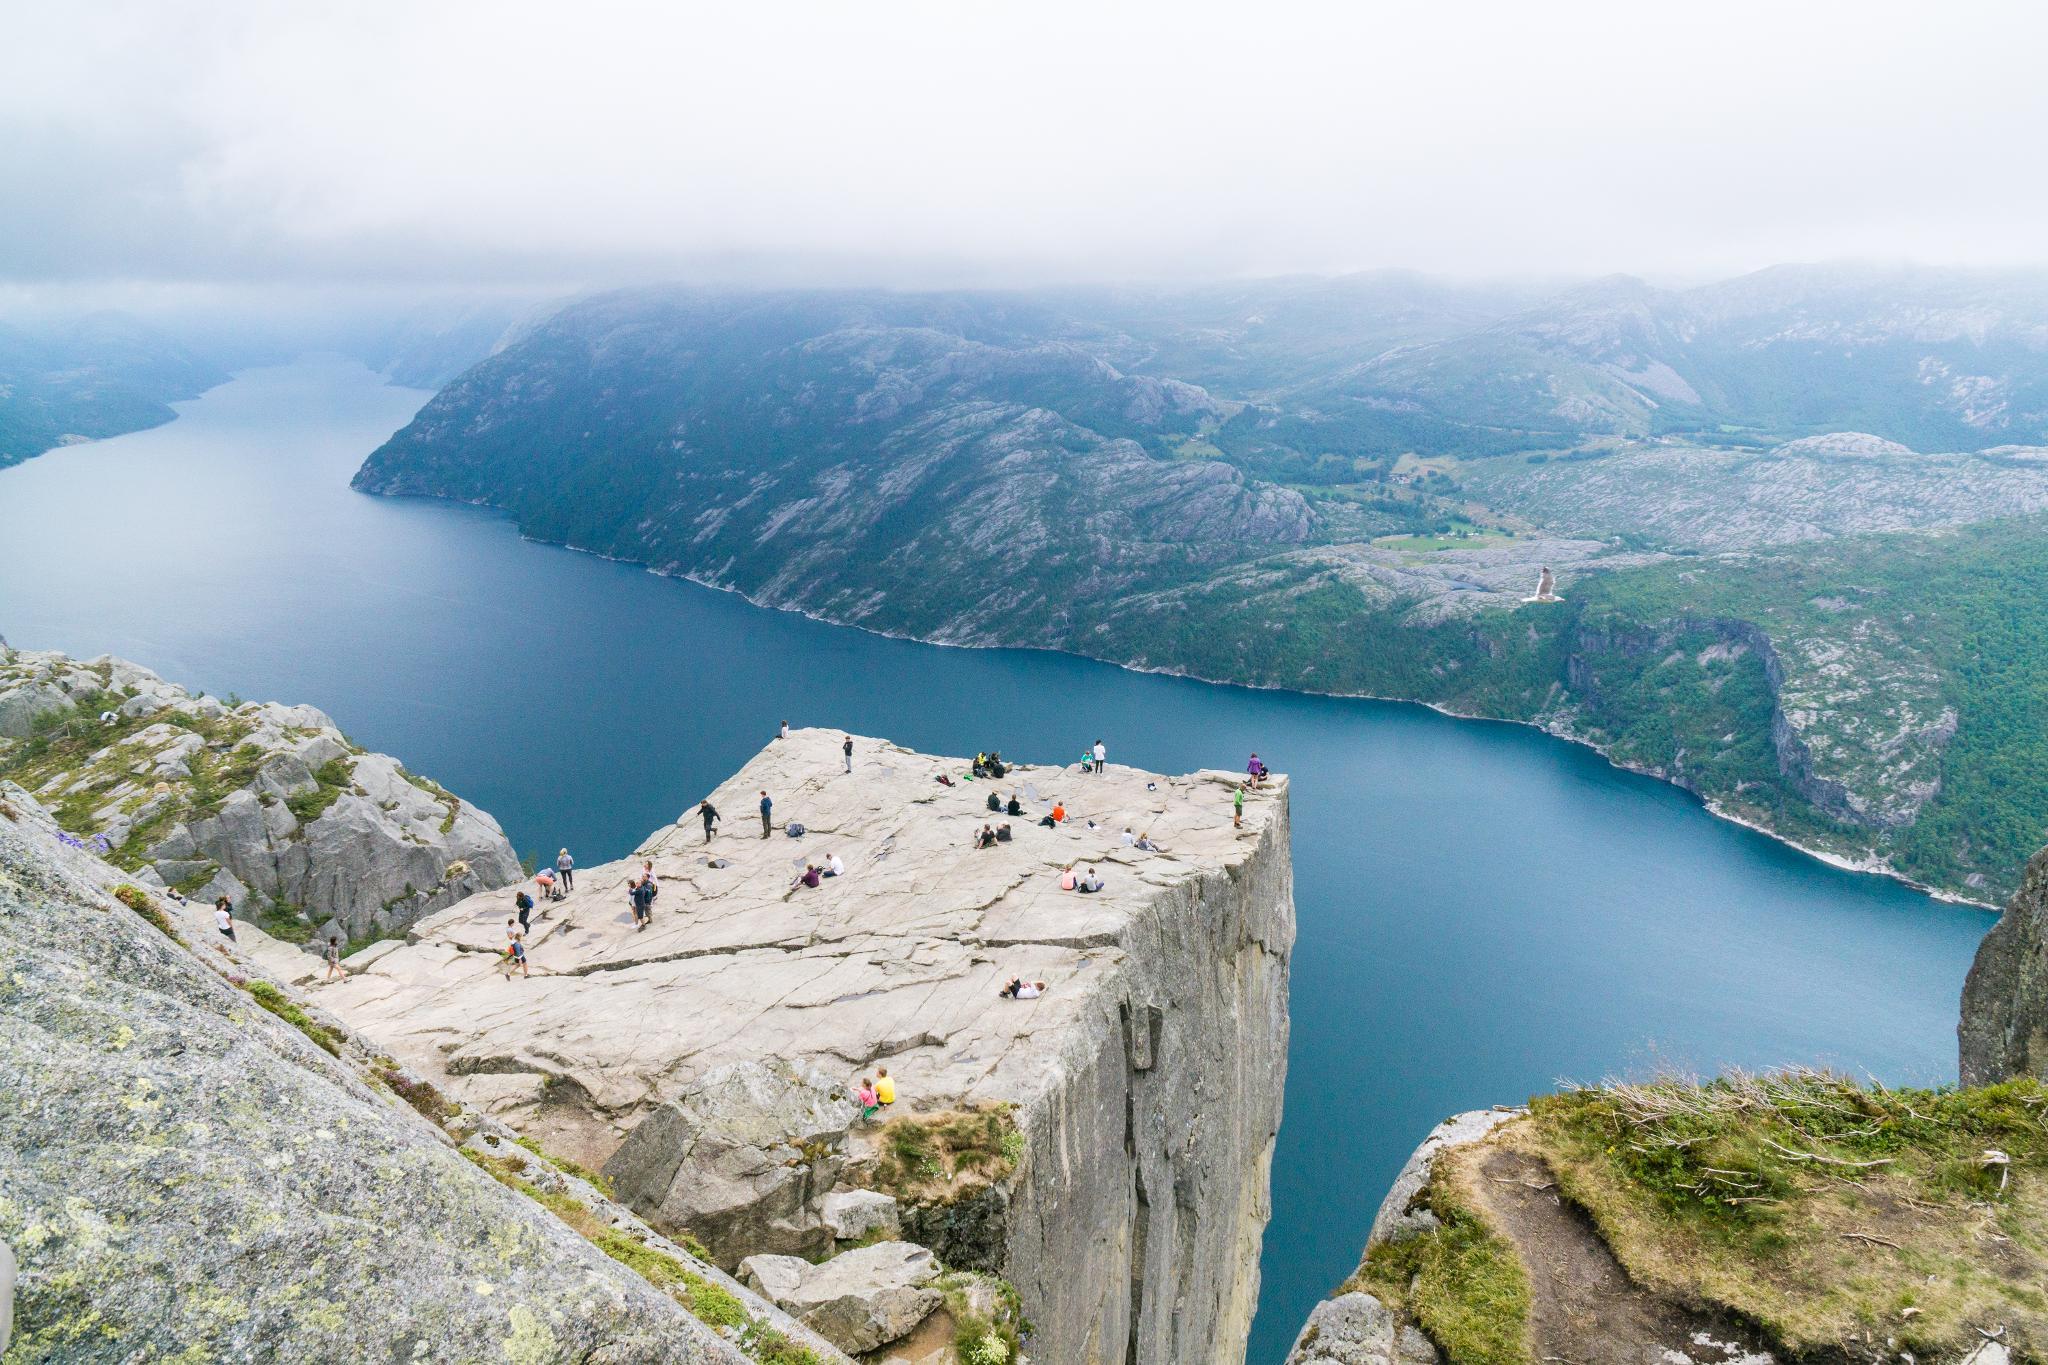 【北歐景點】朝聖挪威三大奇岩:聖壇岩Preikestolen健行紀錄 31